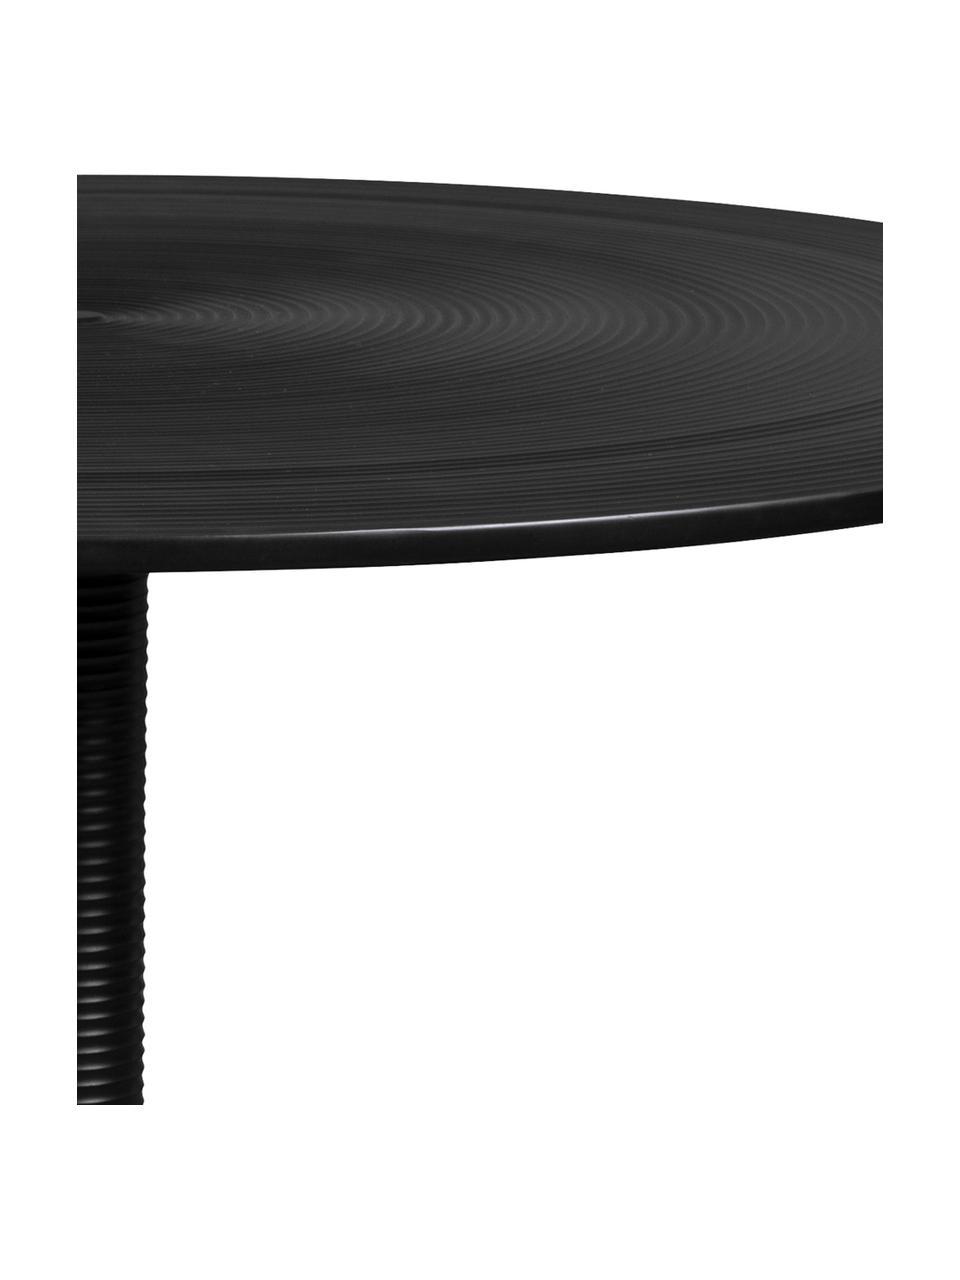 Table ronde noire Hypnotising, Ø 92 cm, Noir